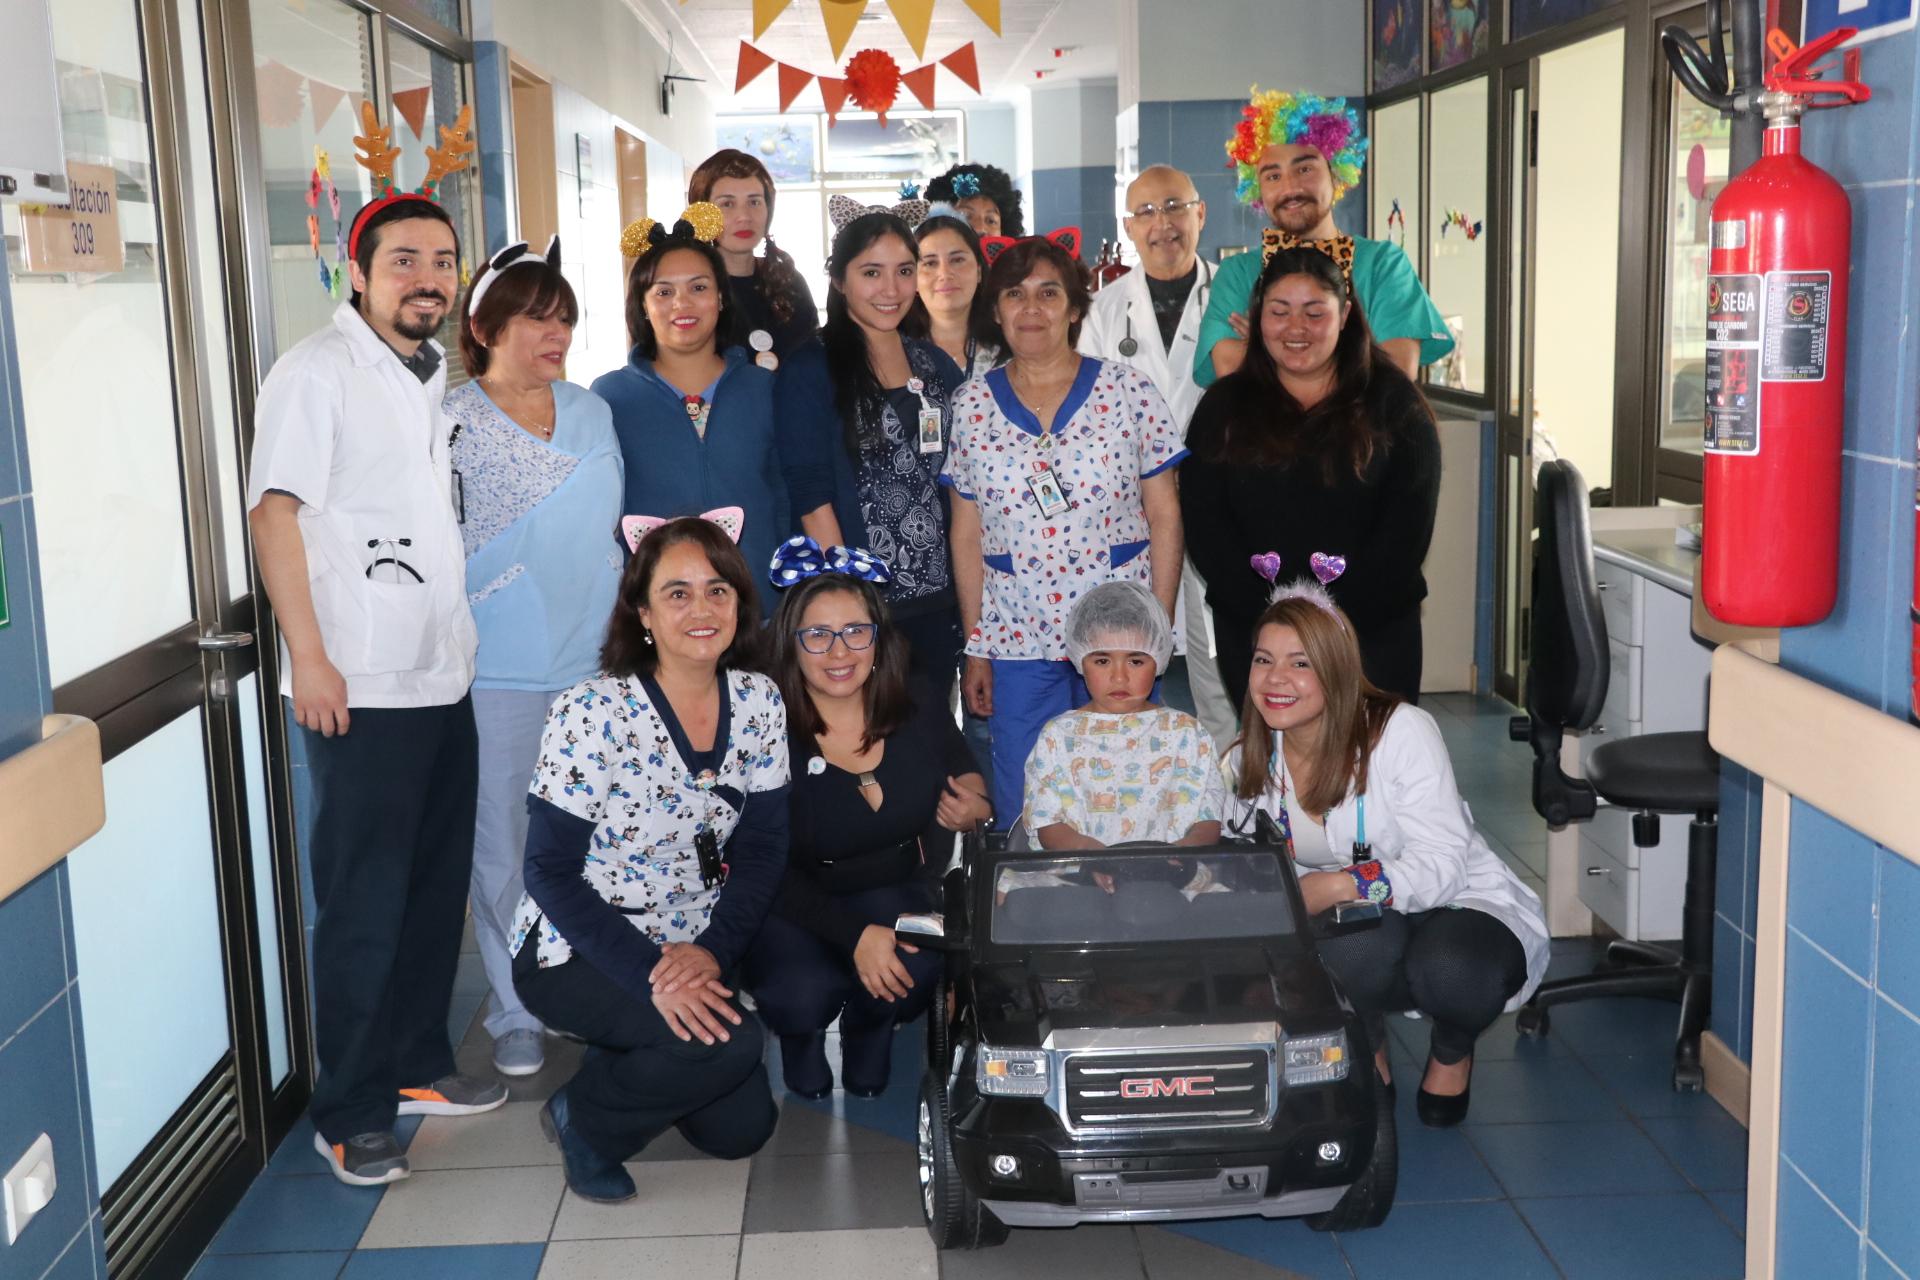 Hospital implementa innovadora iniciativa que busca disminuir estrés en niños antes de operarse